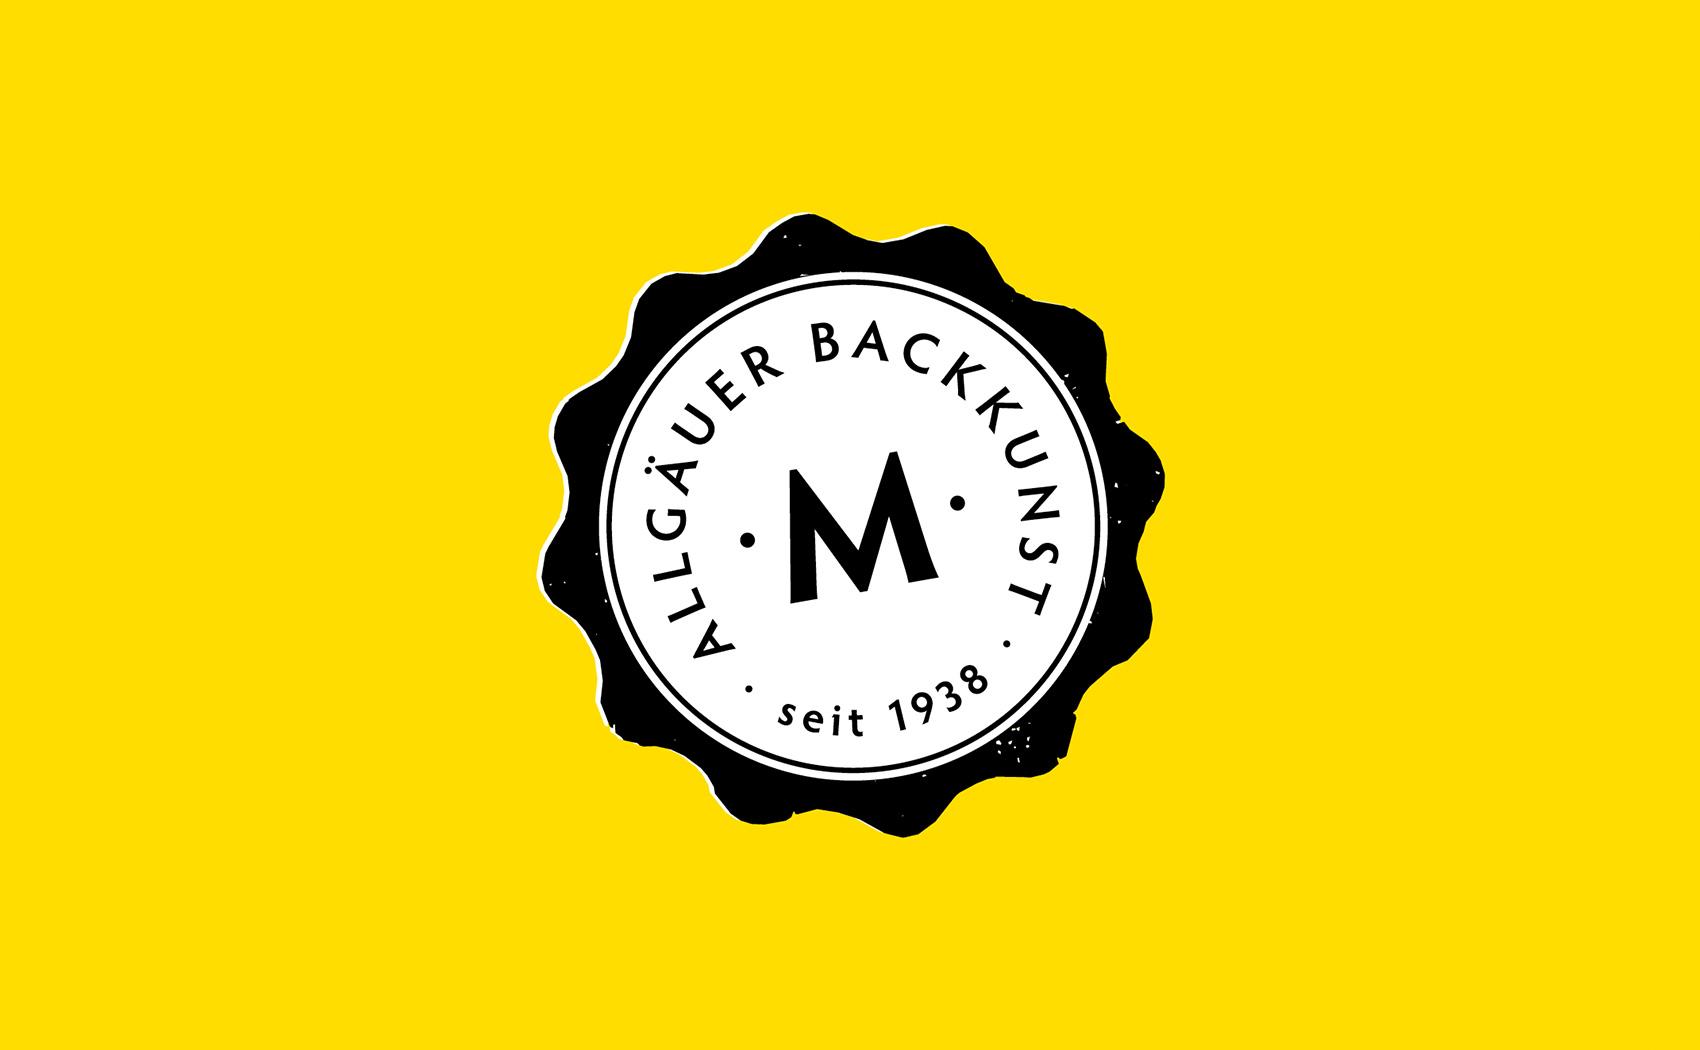 Logodesign und Entwicklung eines Siegels für die Bäckerei Back Mayr GmbH aus Mindelheim